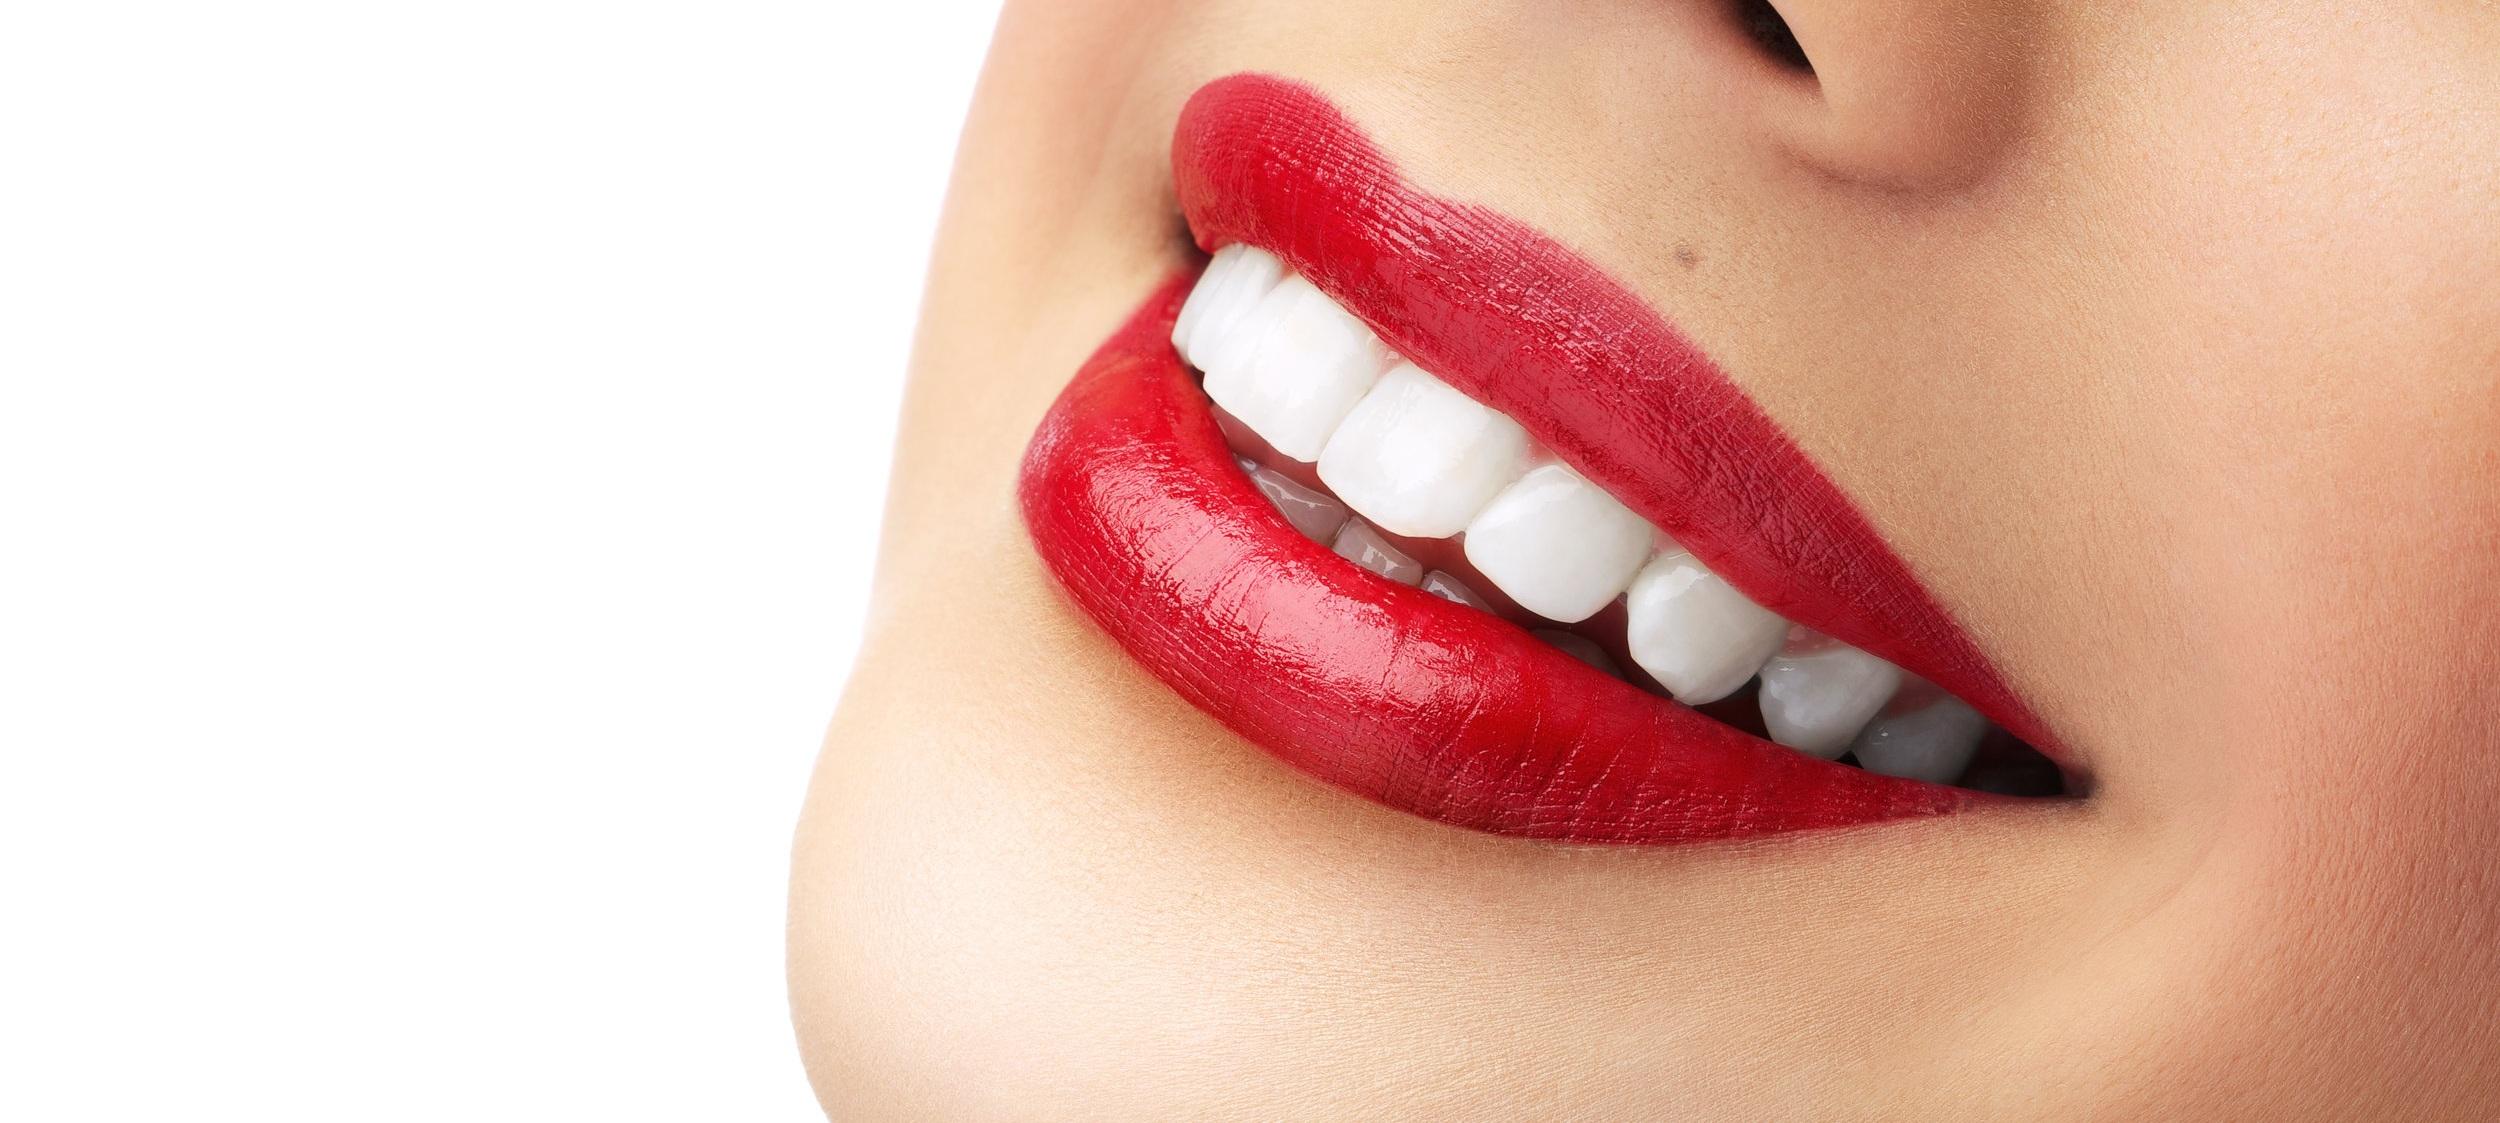 Balti ir sveiki dantys po burnos higienos procedūros